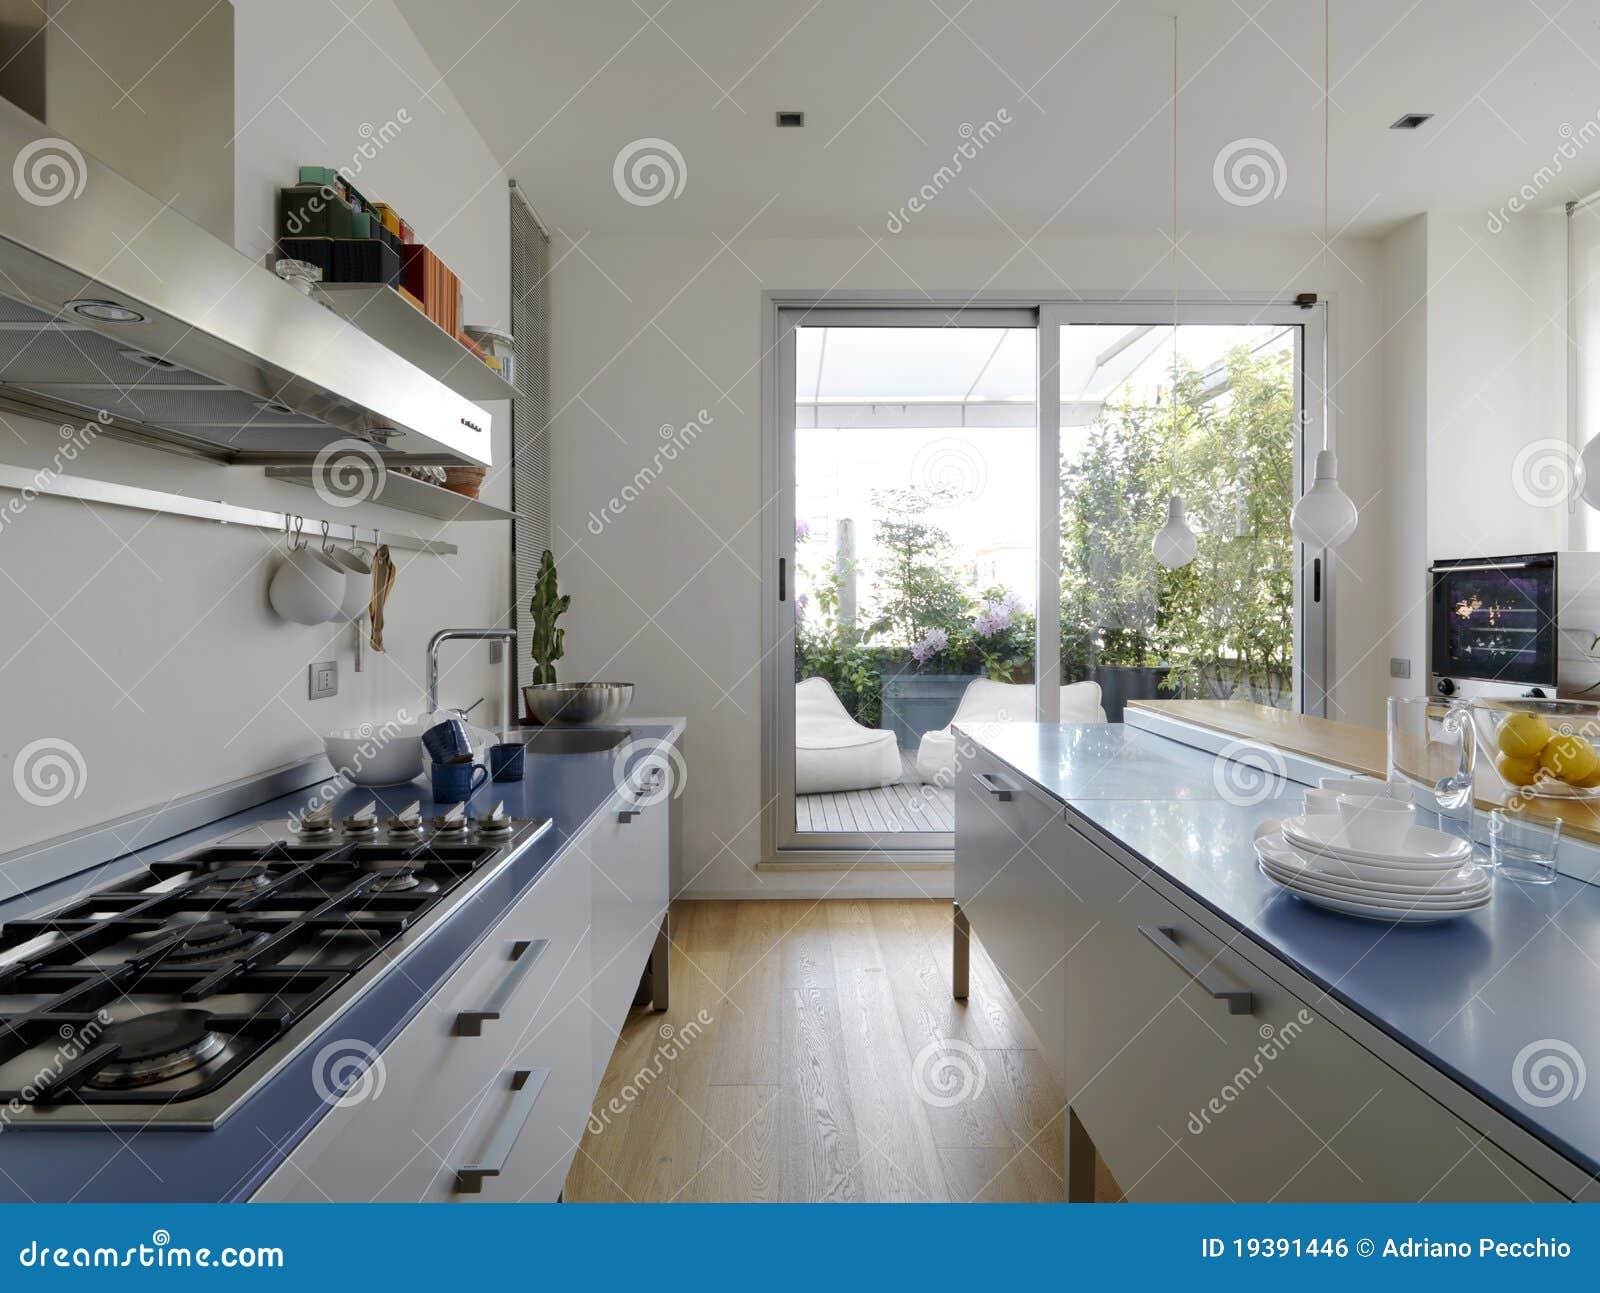 Cuisine moderne avec la terrasse image libre de droits image 19391446 for Maison avec cuisine moderne